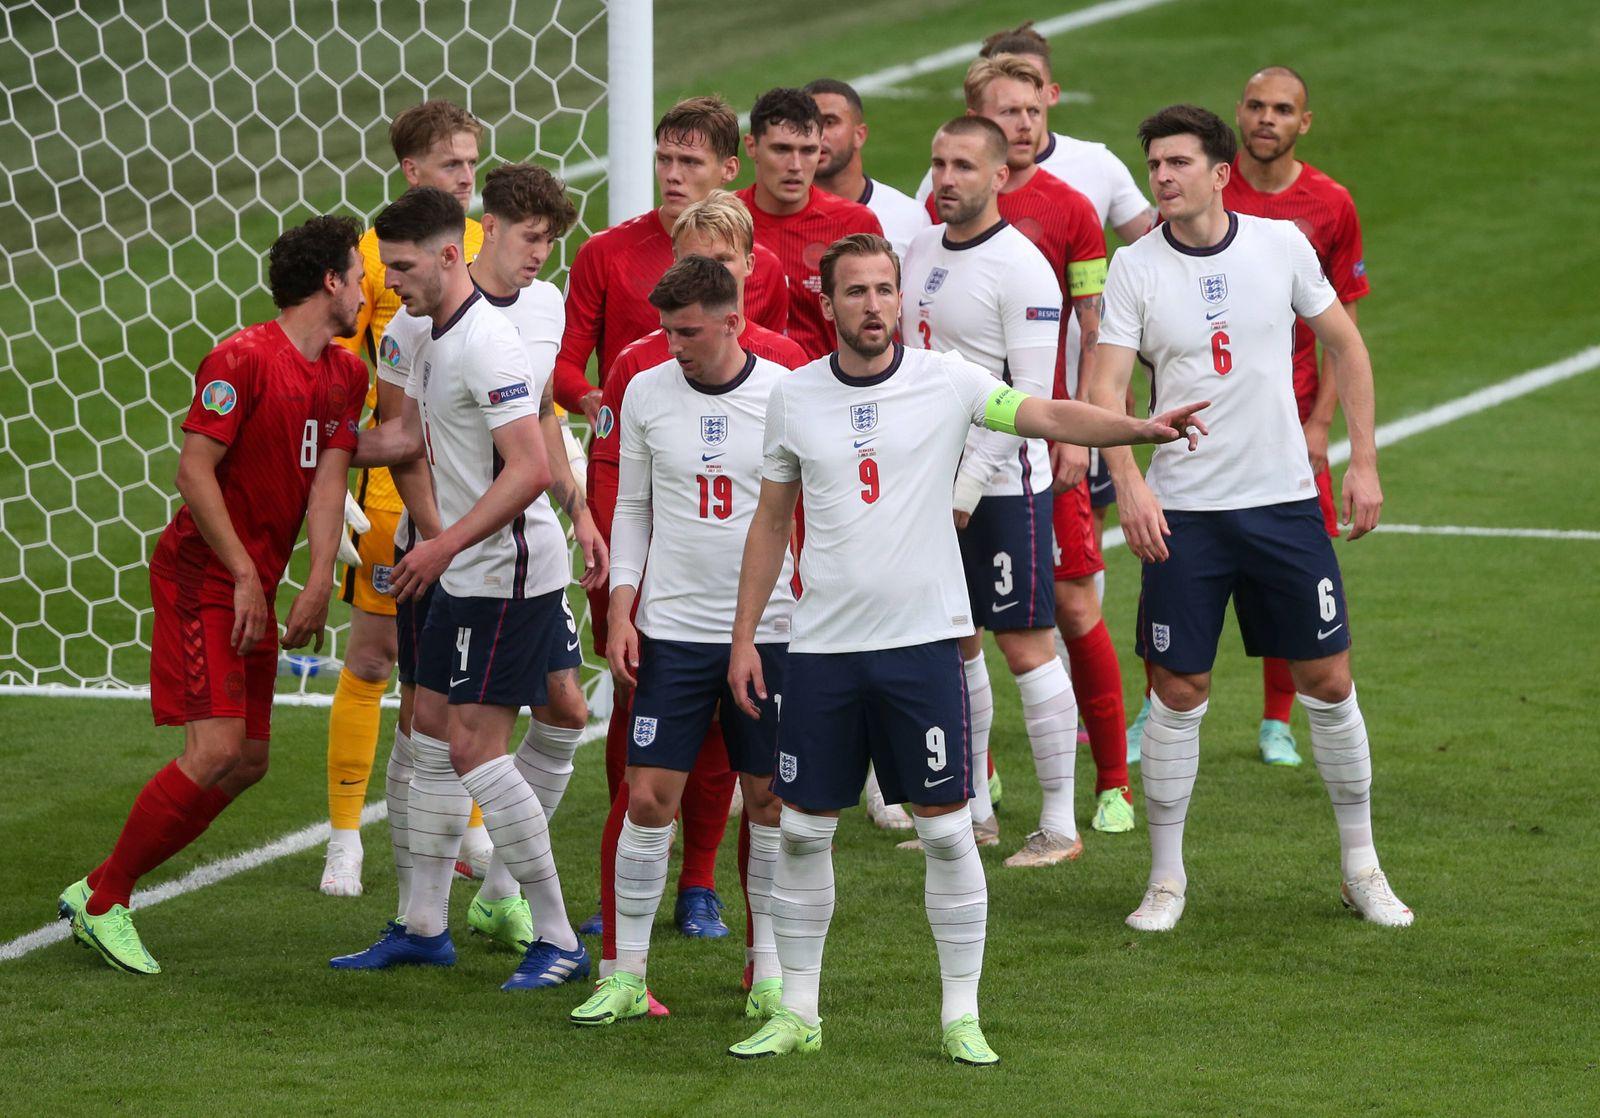 England v Denmark UEFA EURO, EM, Europameisterschaft,Fussball 2020 England and Denmark players prepare for the corner d